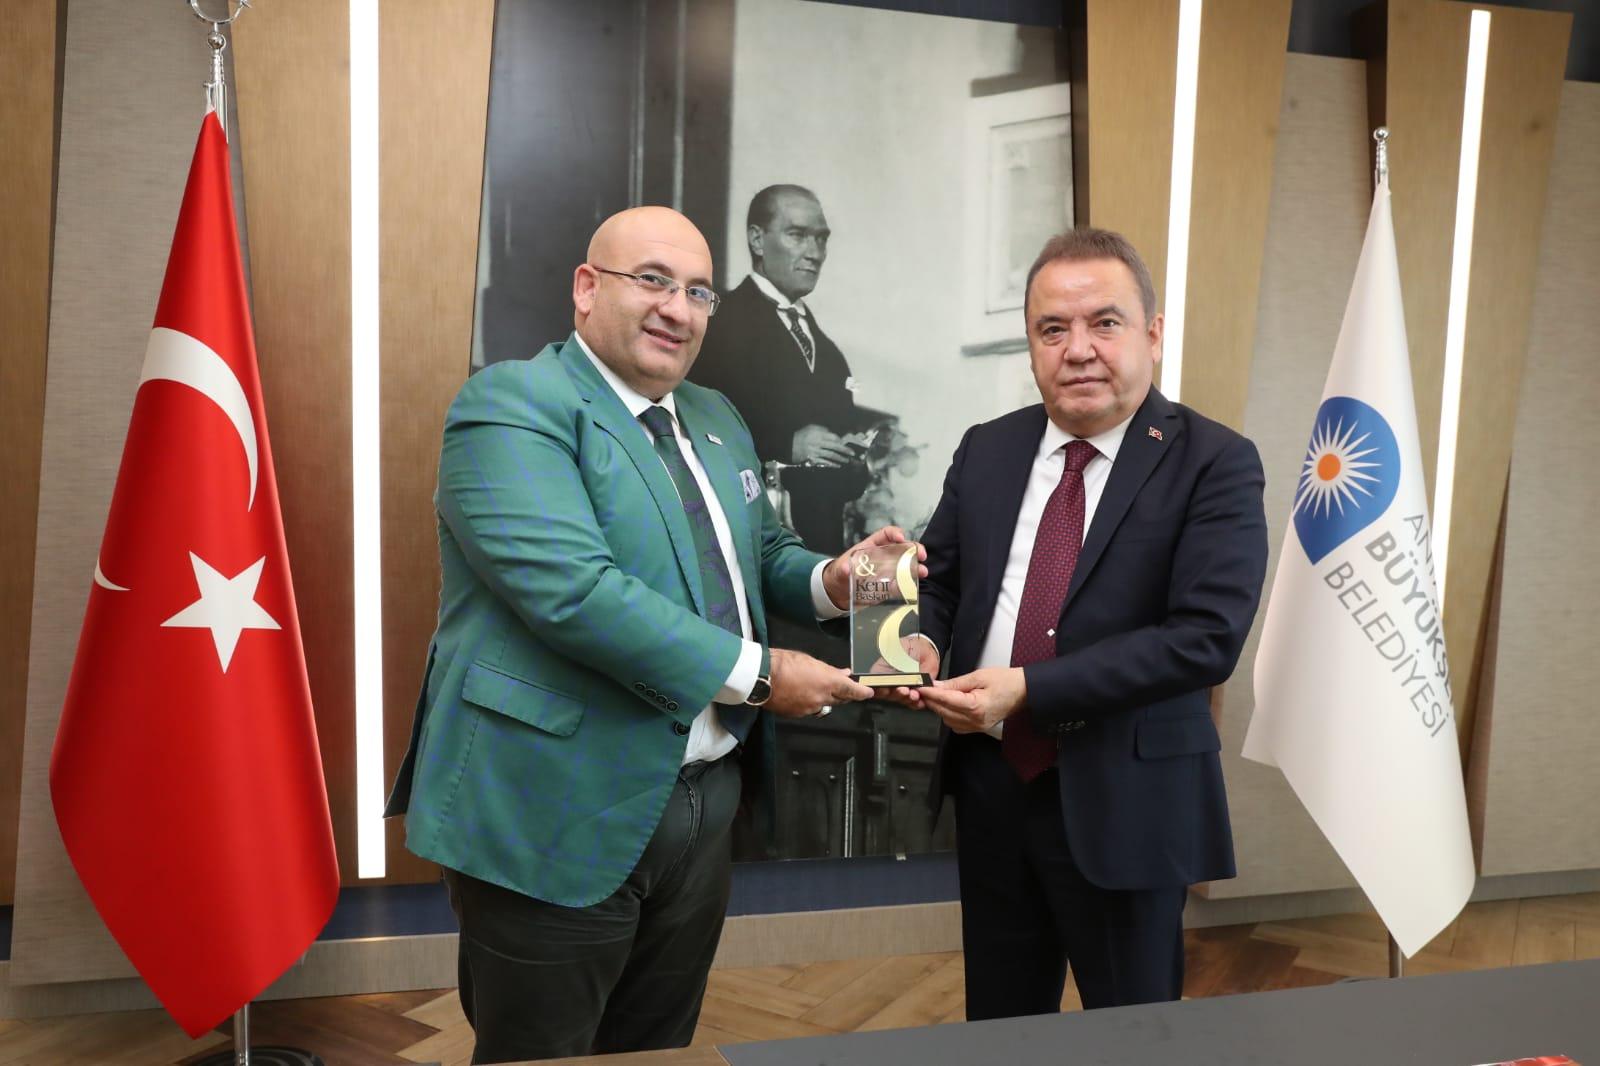 Kent ve Başkan Dergisi'nden Büyükşehir'e ödül